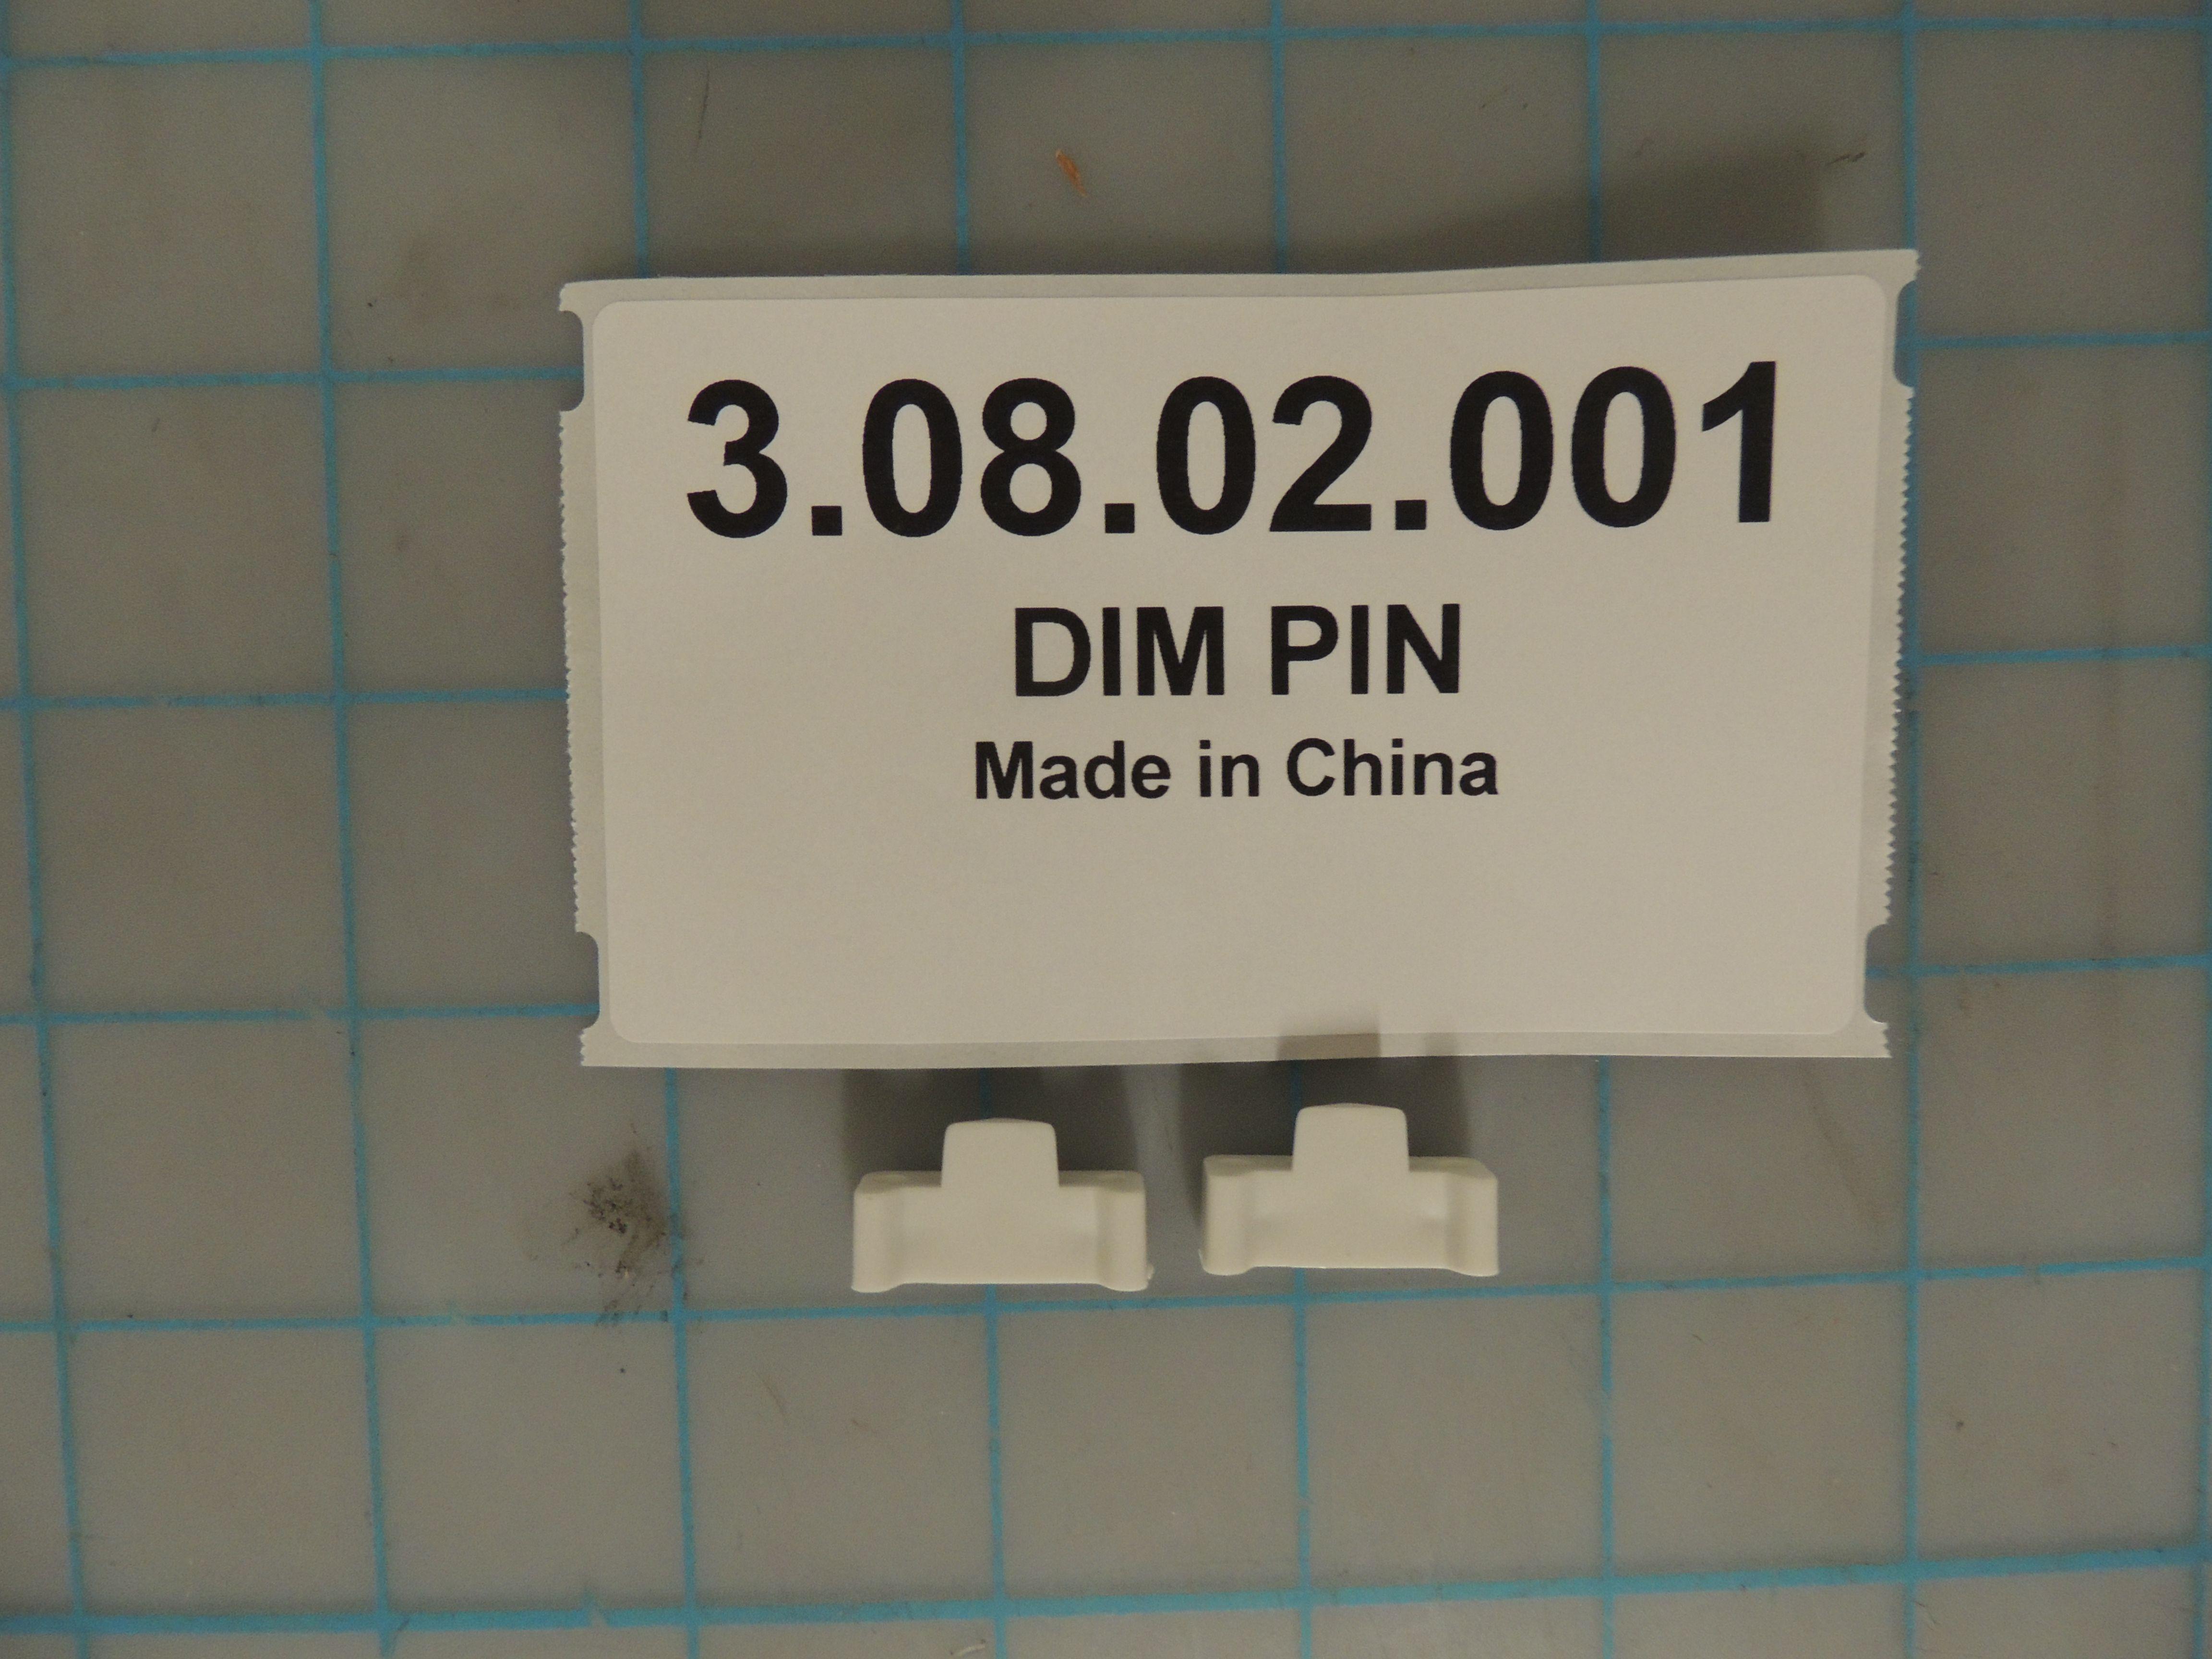 DIM PIN